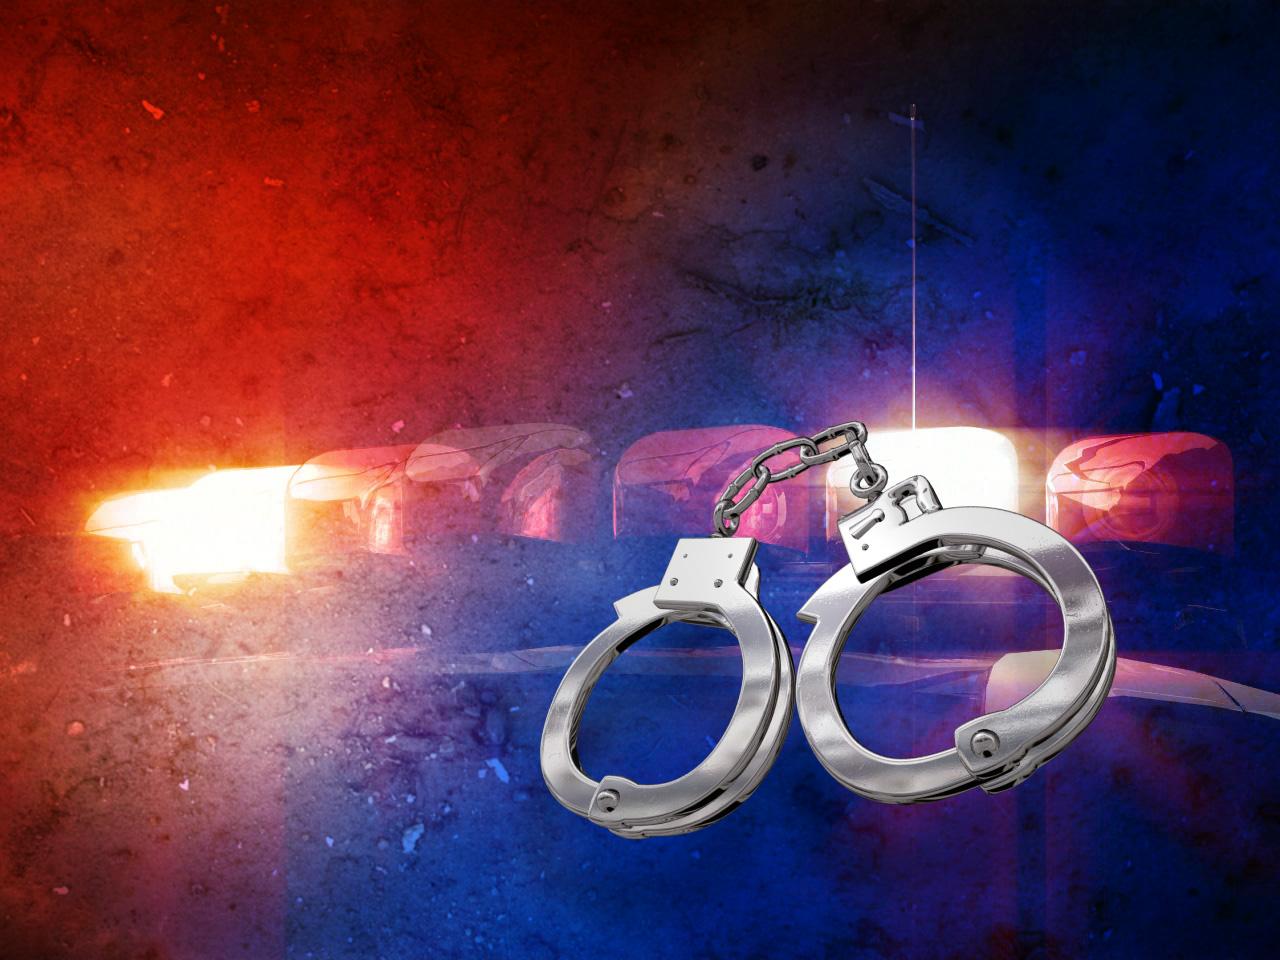 police arrest_1542390315169.jpg.jpg